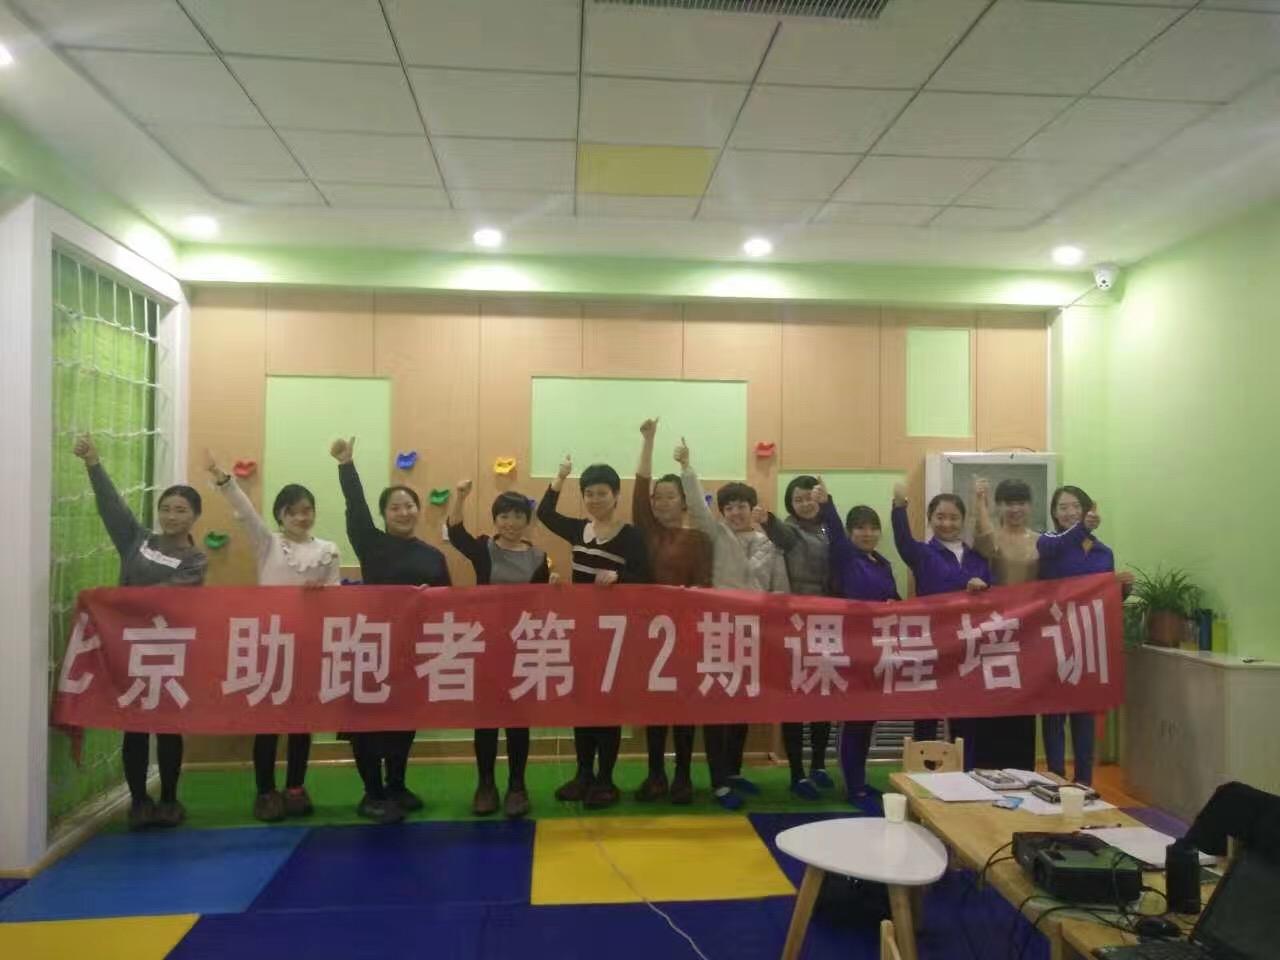 热烈祝贺澳真国际儿童俱乐部第72期早教师培训圆满落幕